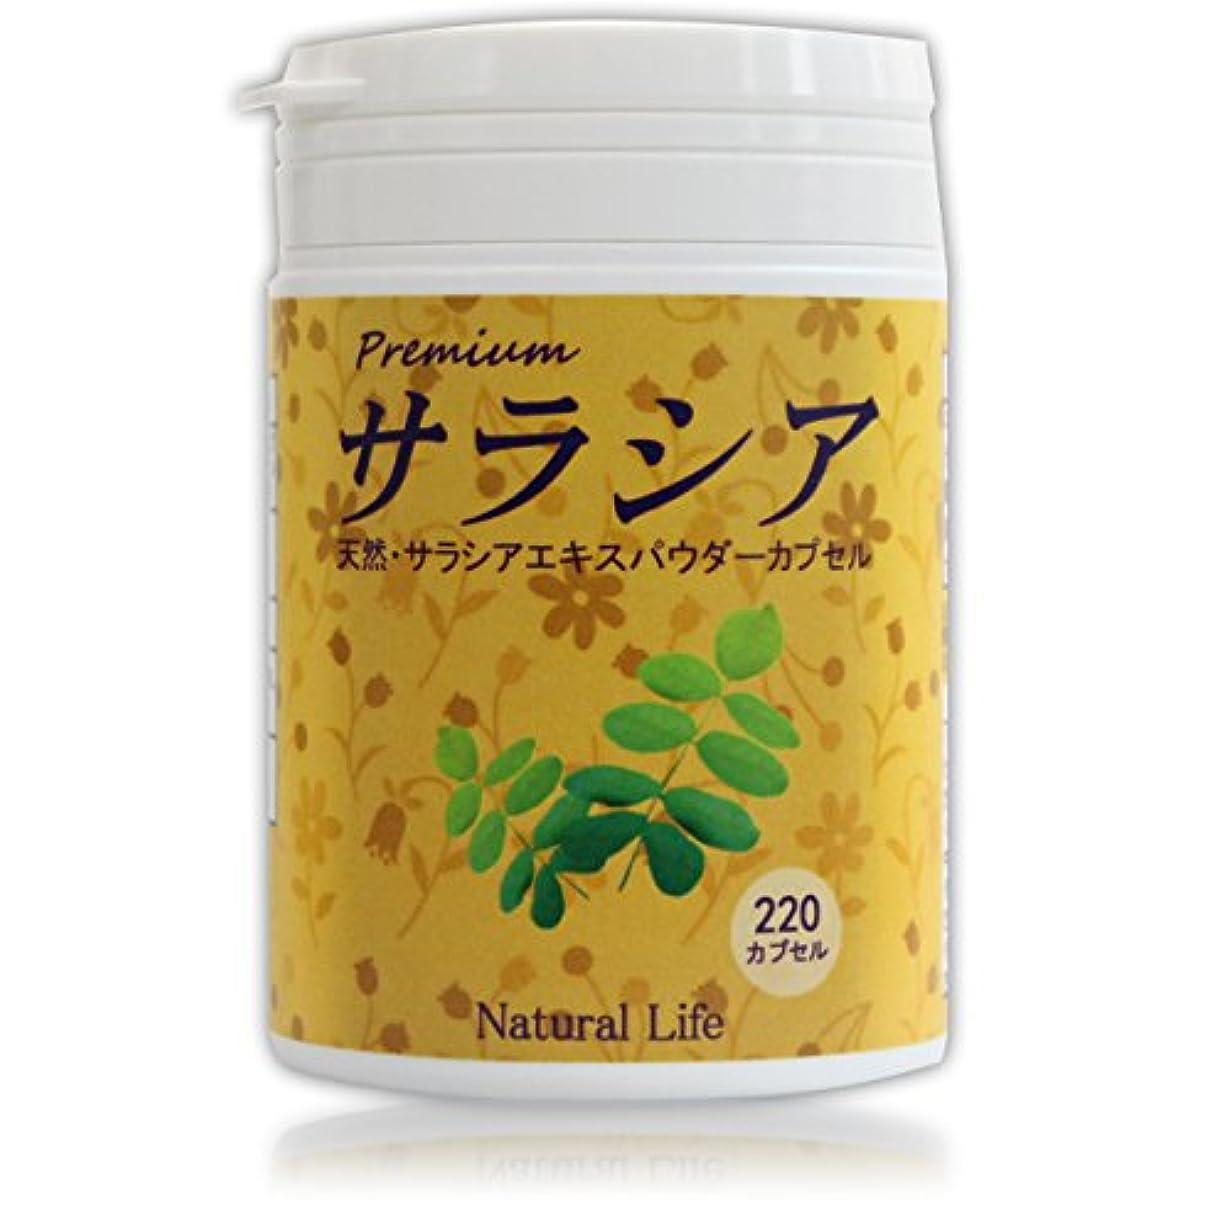 基礎ツインモナリザサラシアカプセル[220粒]天然ピュア原料(無添加) 健康食品(サラシア,さらしあ)